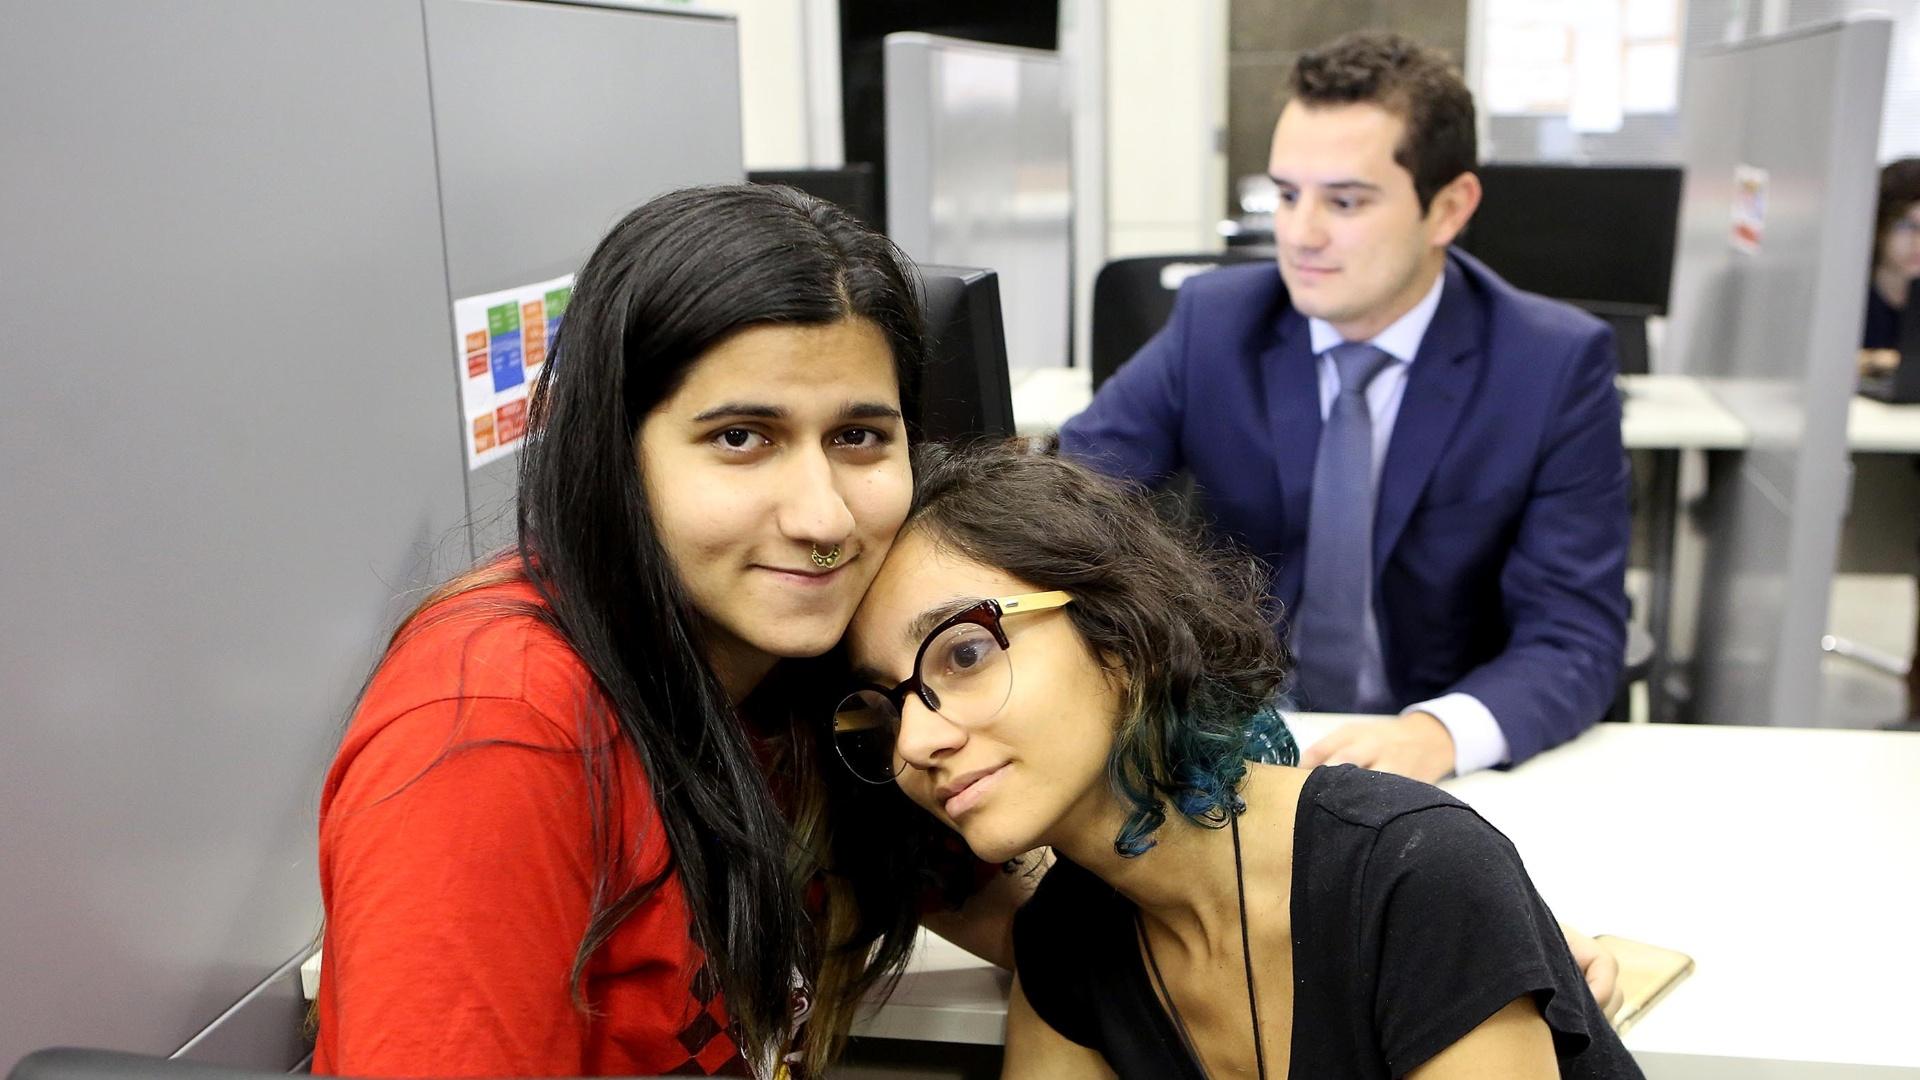 9.dez.2016 - A trans Aurora, 21 (à esquerda), foi à Defensoria Pública do Estado de São Paulo, na capital paulista, para entregar documentos e mudar o nome do registro civil. Na foto, Aurora está junto com a namorada, Daniela, 18. A mãe de Aurora, Rosana, também esteve junto